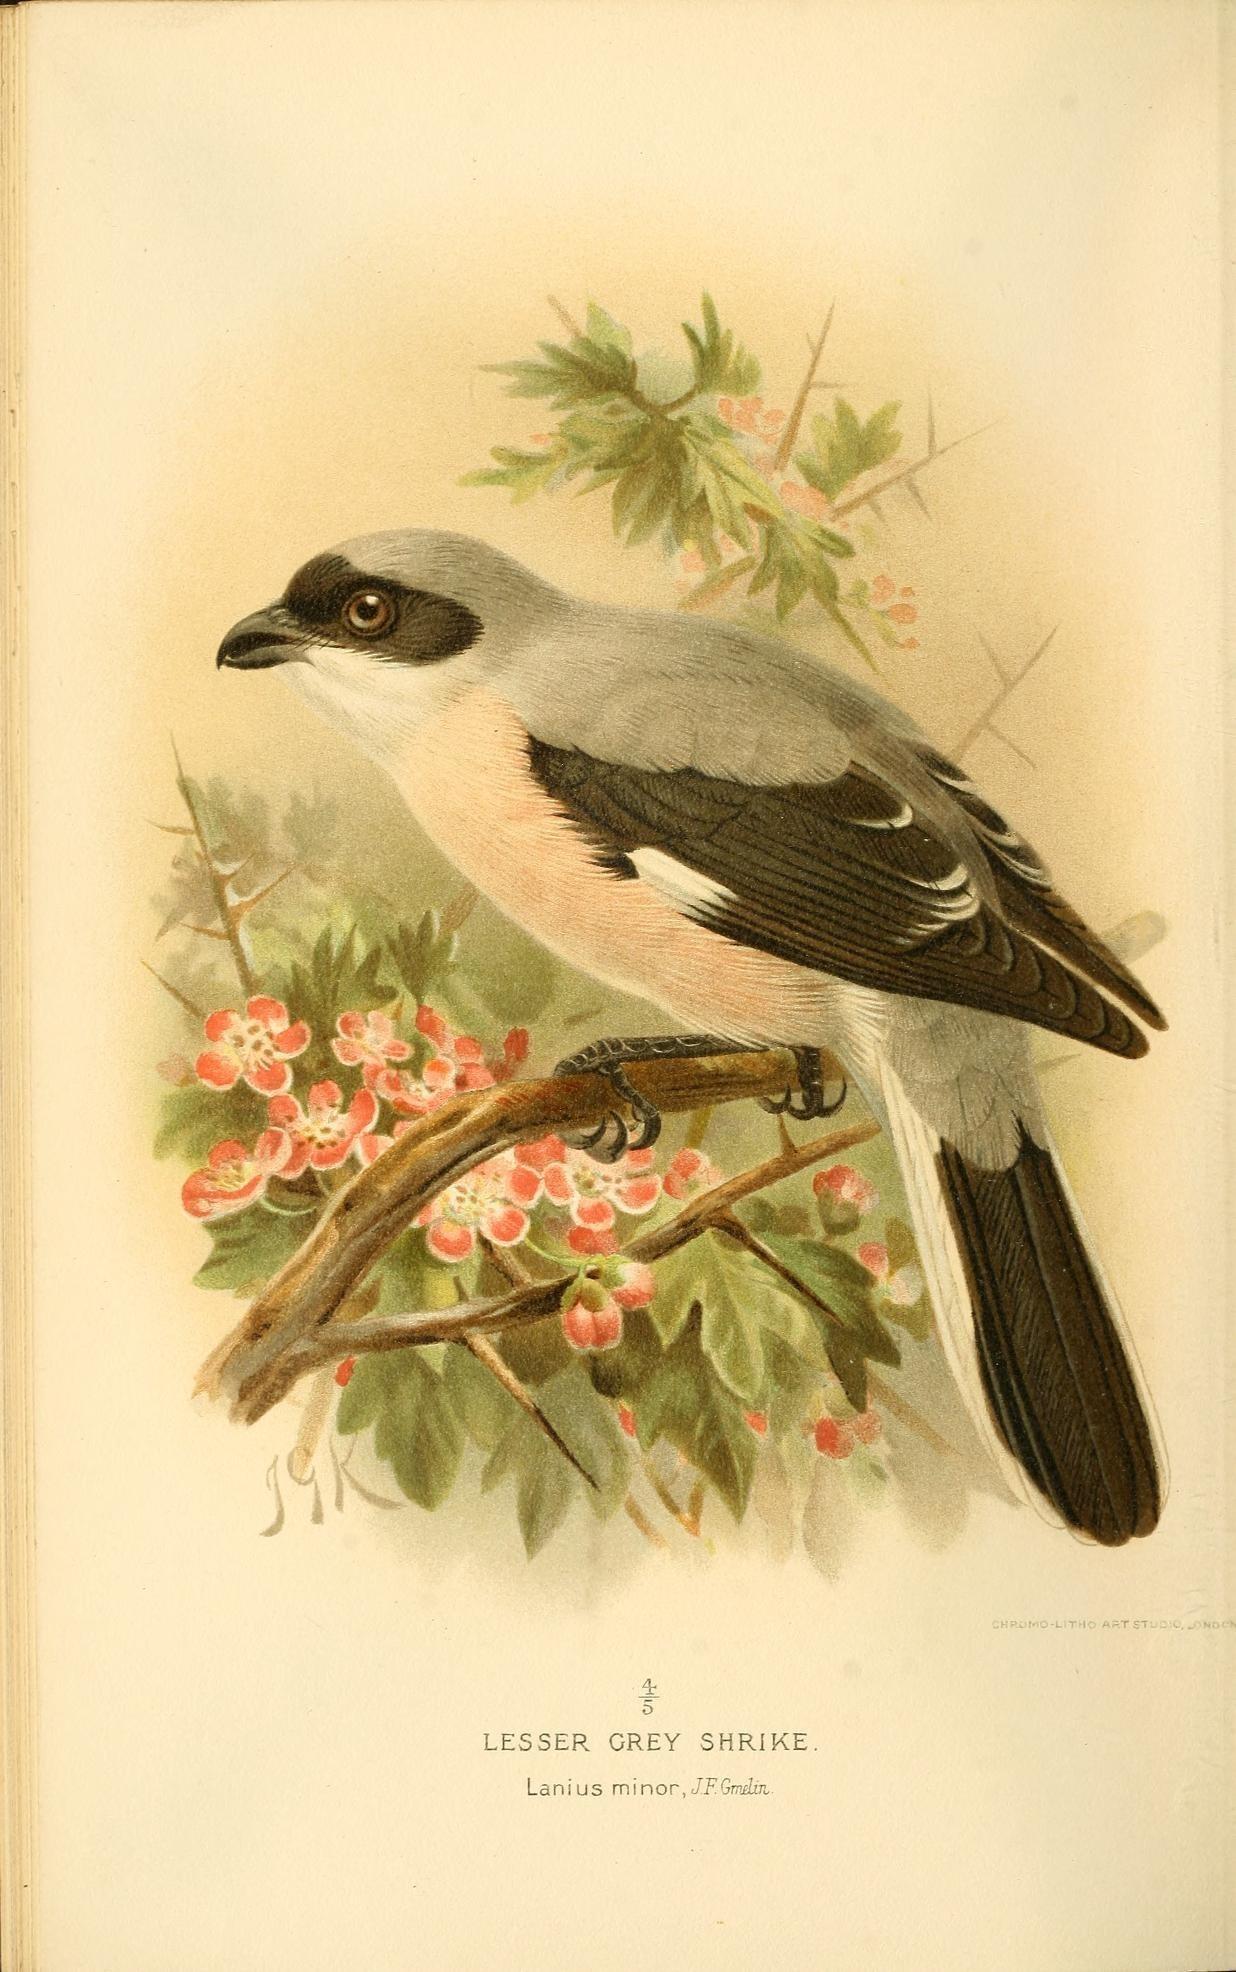 Image of Lesser grey shrike